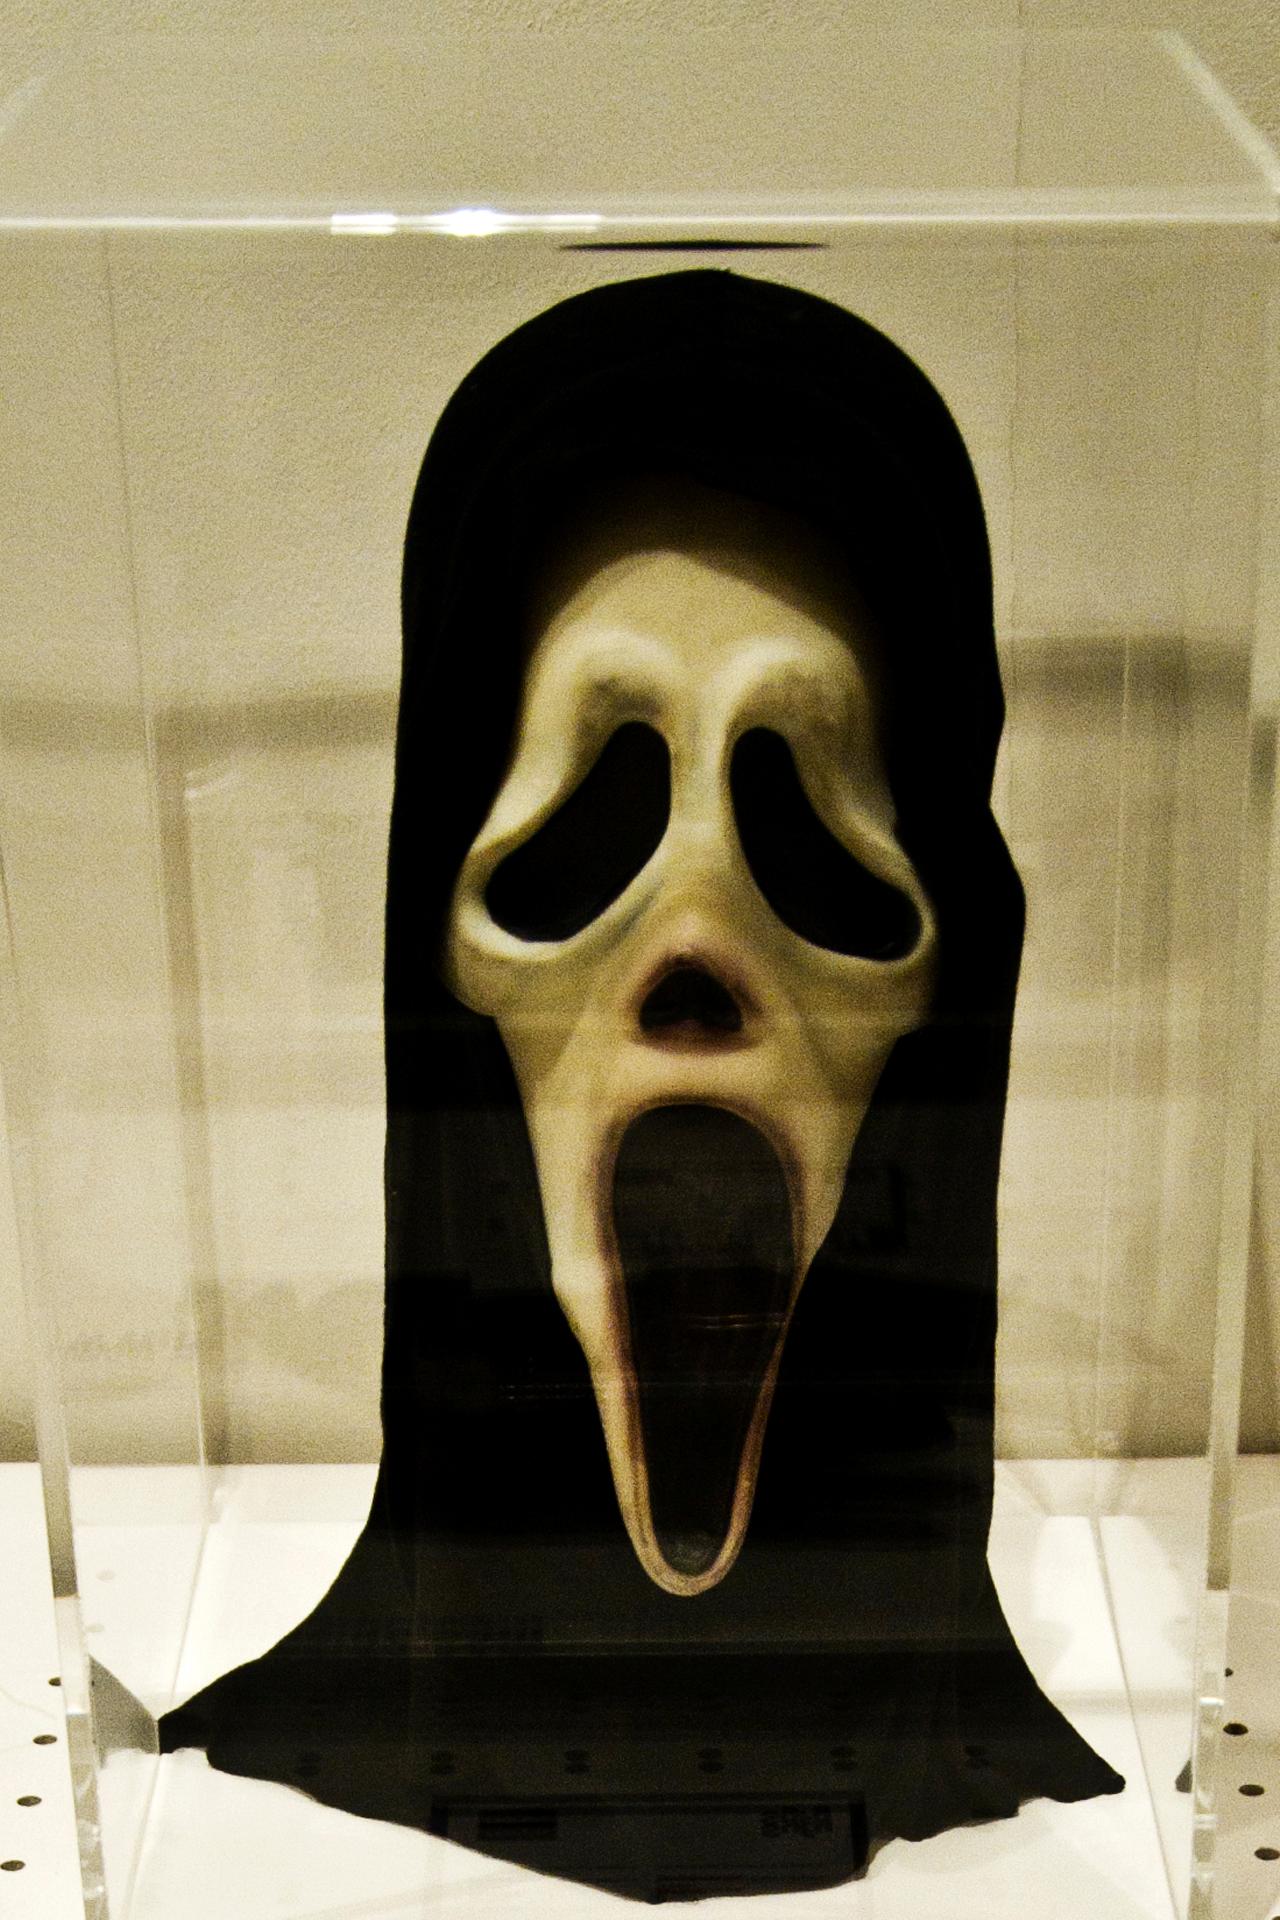 The Scream, Wes Craven